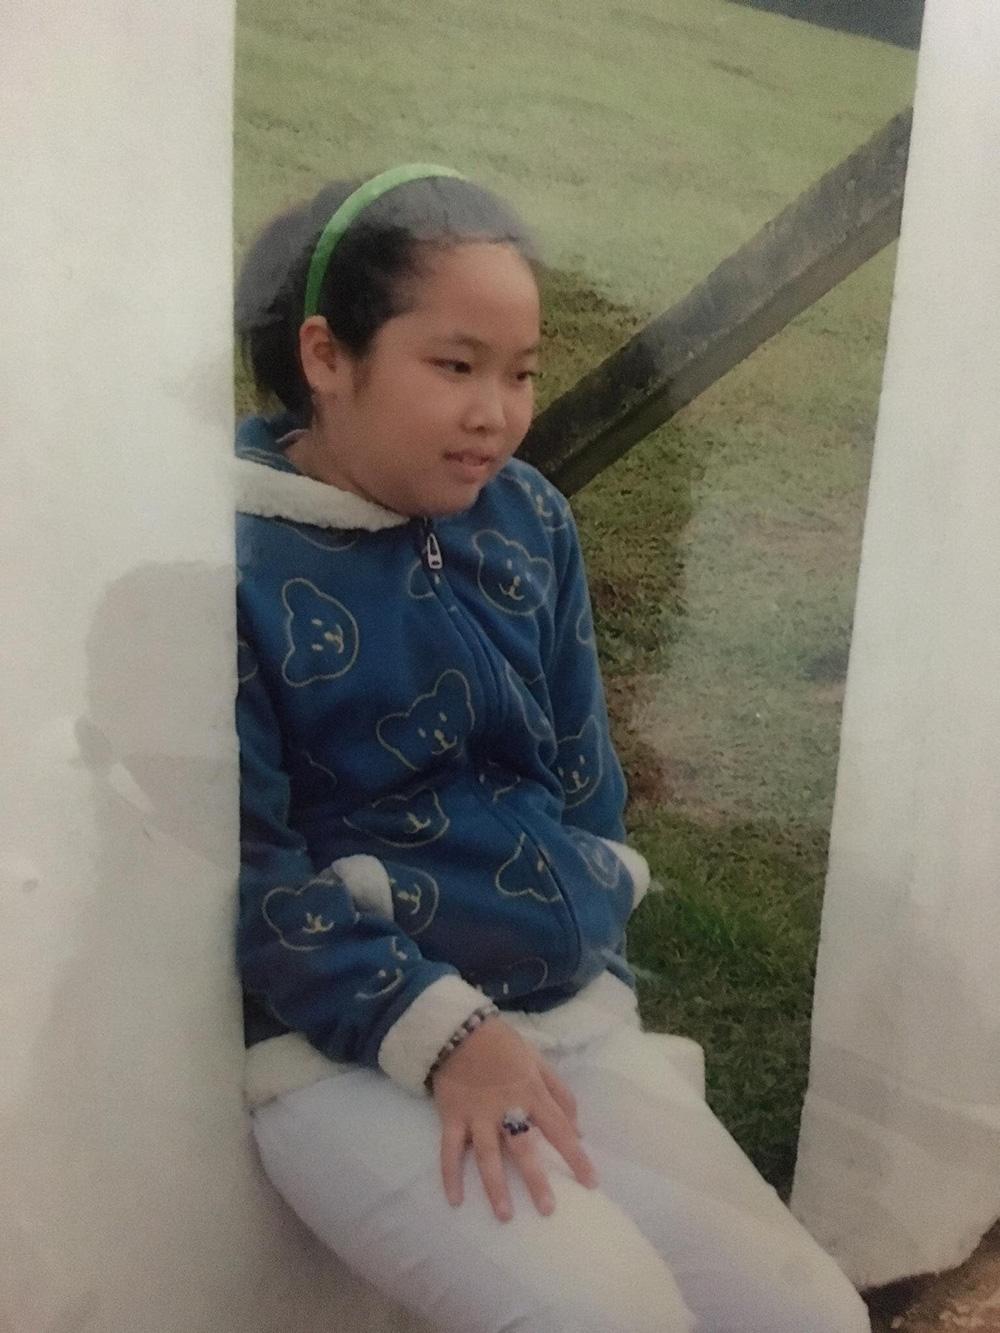 Vì một câu nói của cô giáo, nữ sinh quyết giảm cân và màn lột xác ngoạn mục  - Ảnh 3.